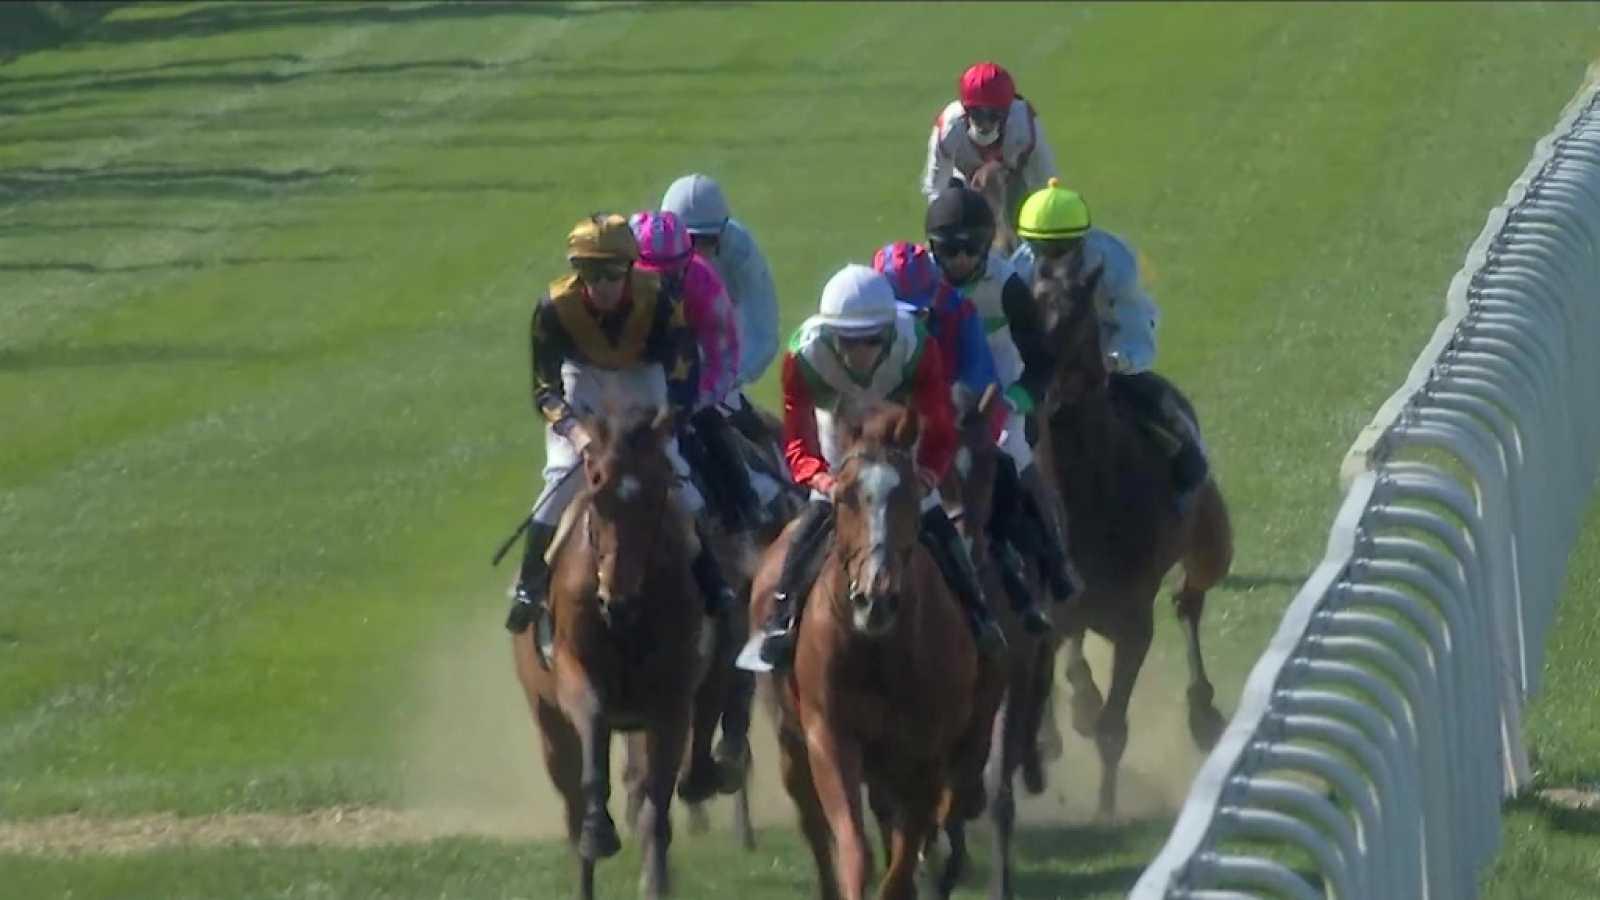 Hípica - Circuito nacional de carreras de caballos desde el hipódromo de La Zarzuela - ver ahora